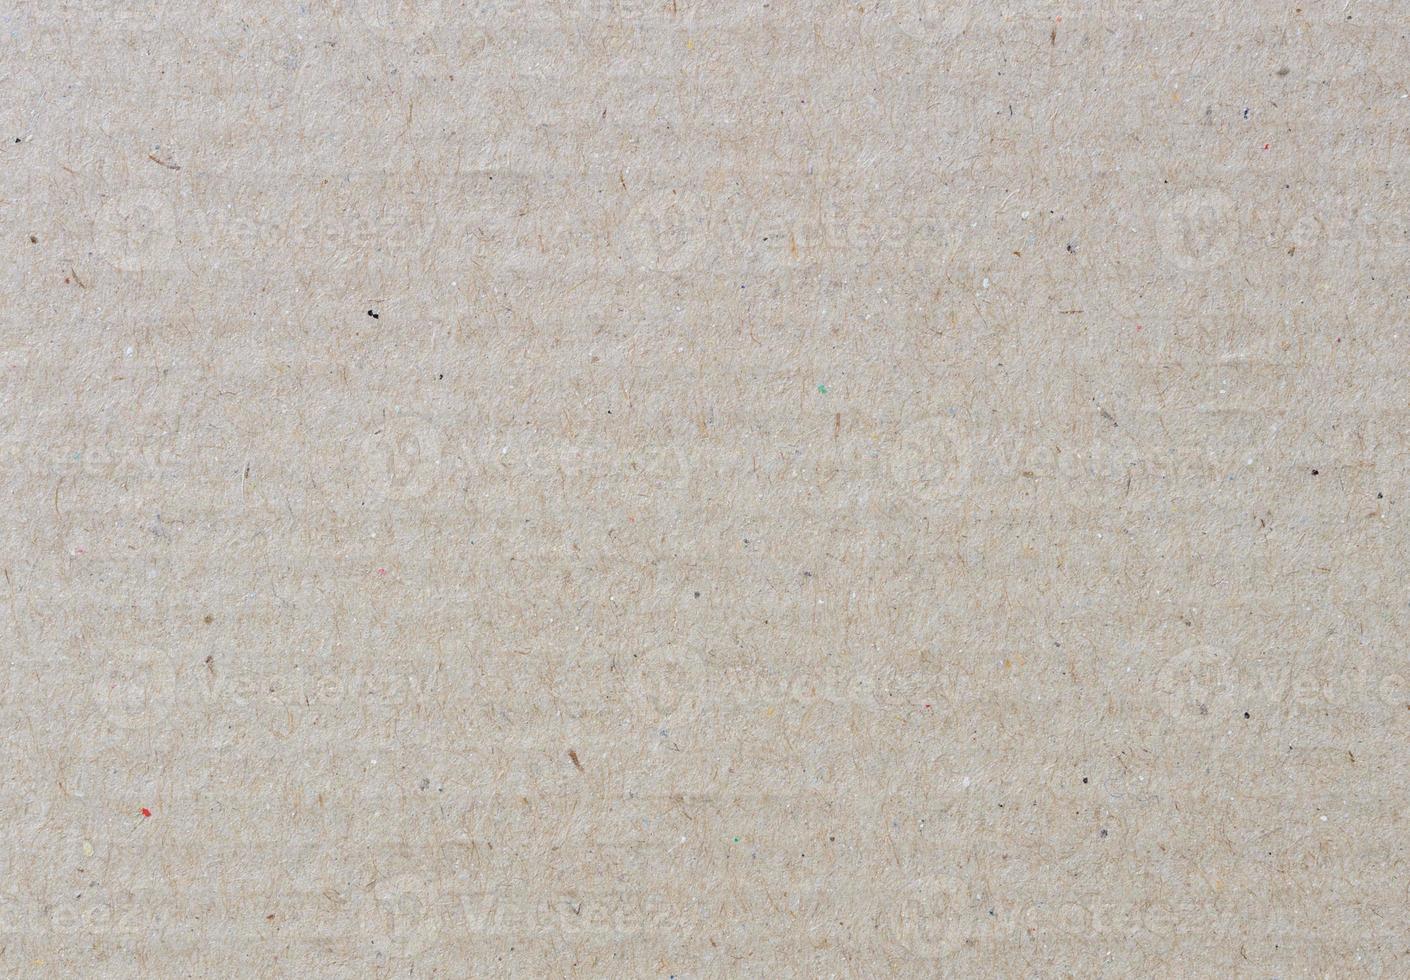 texture de papier ondulé photo